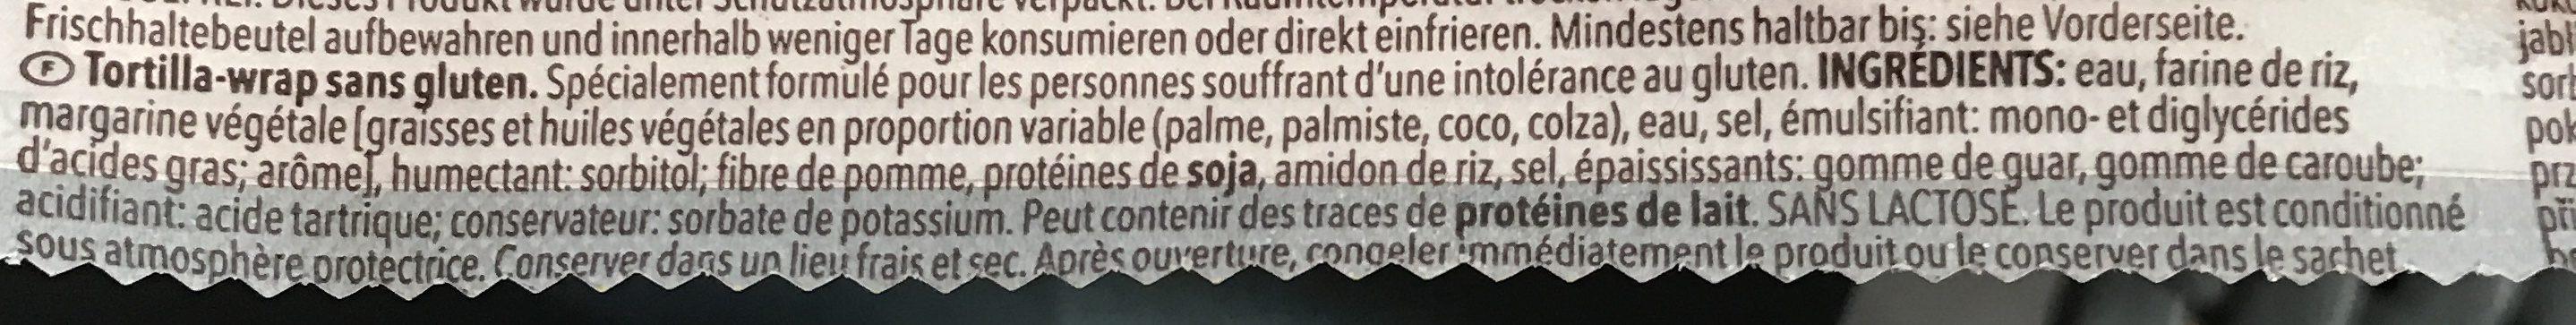 Wraps - Ingrédients - fr